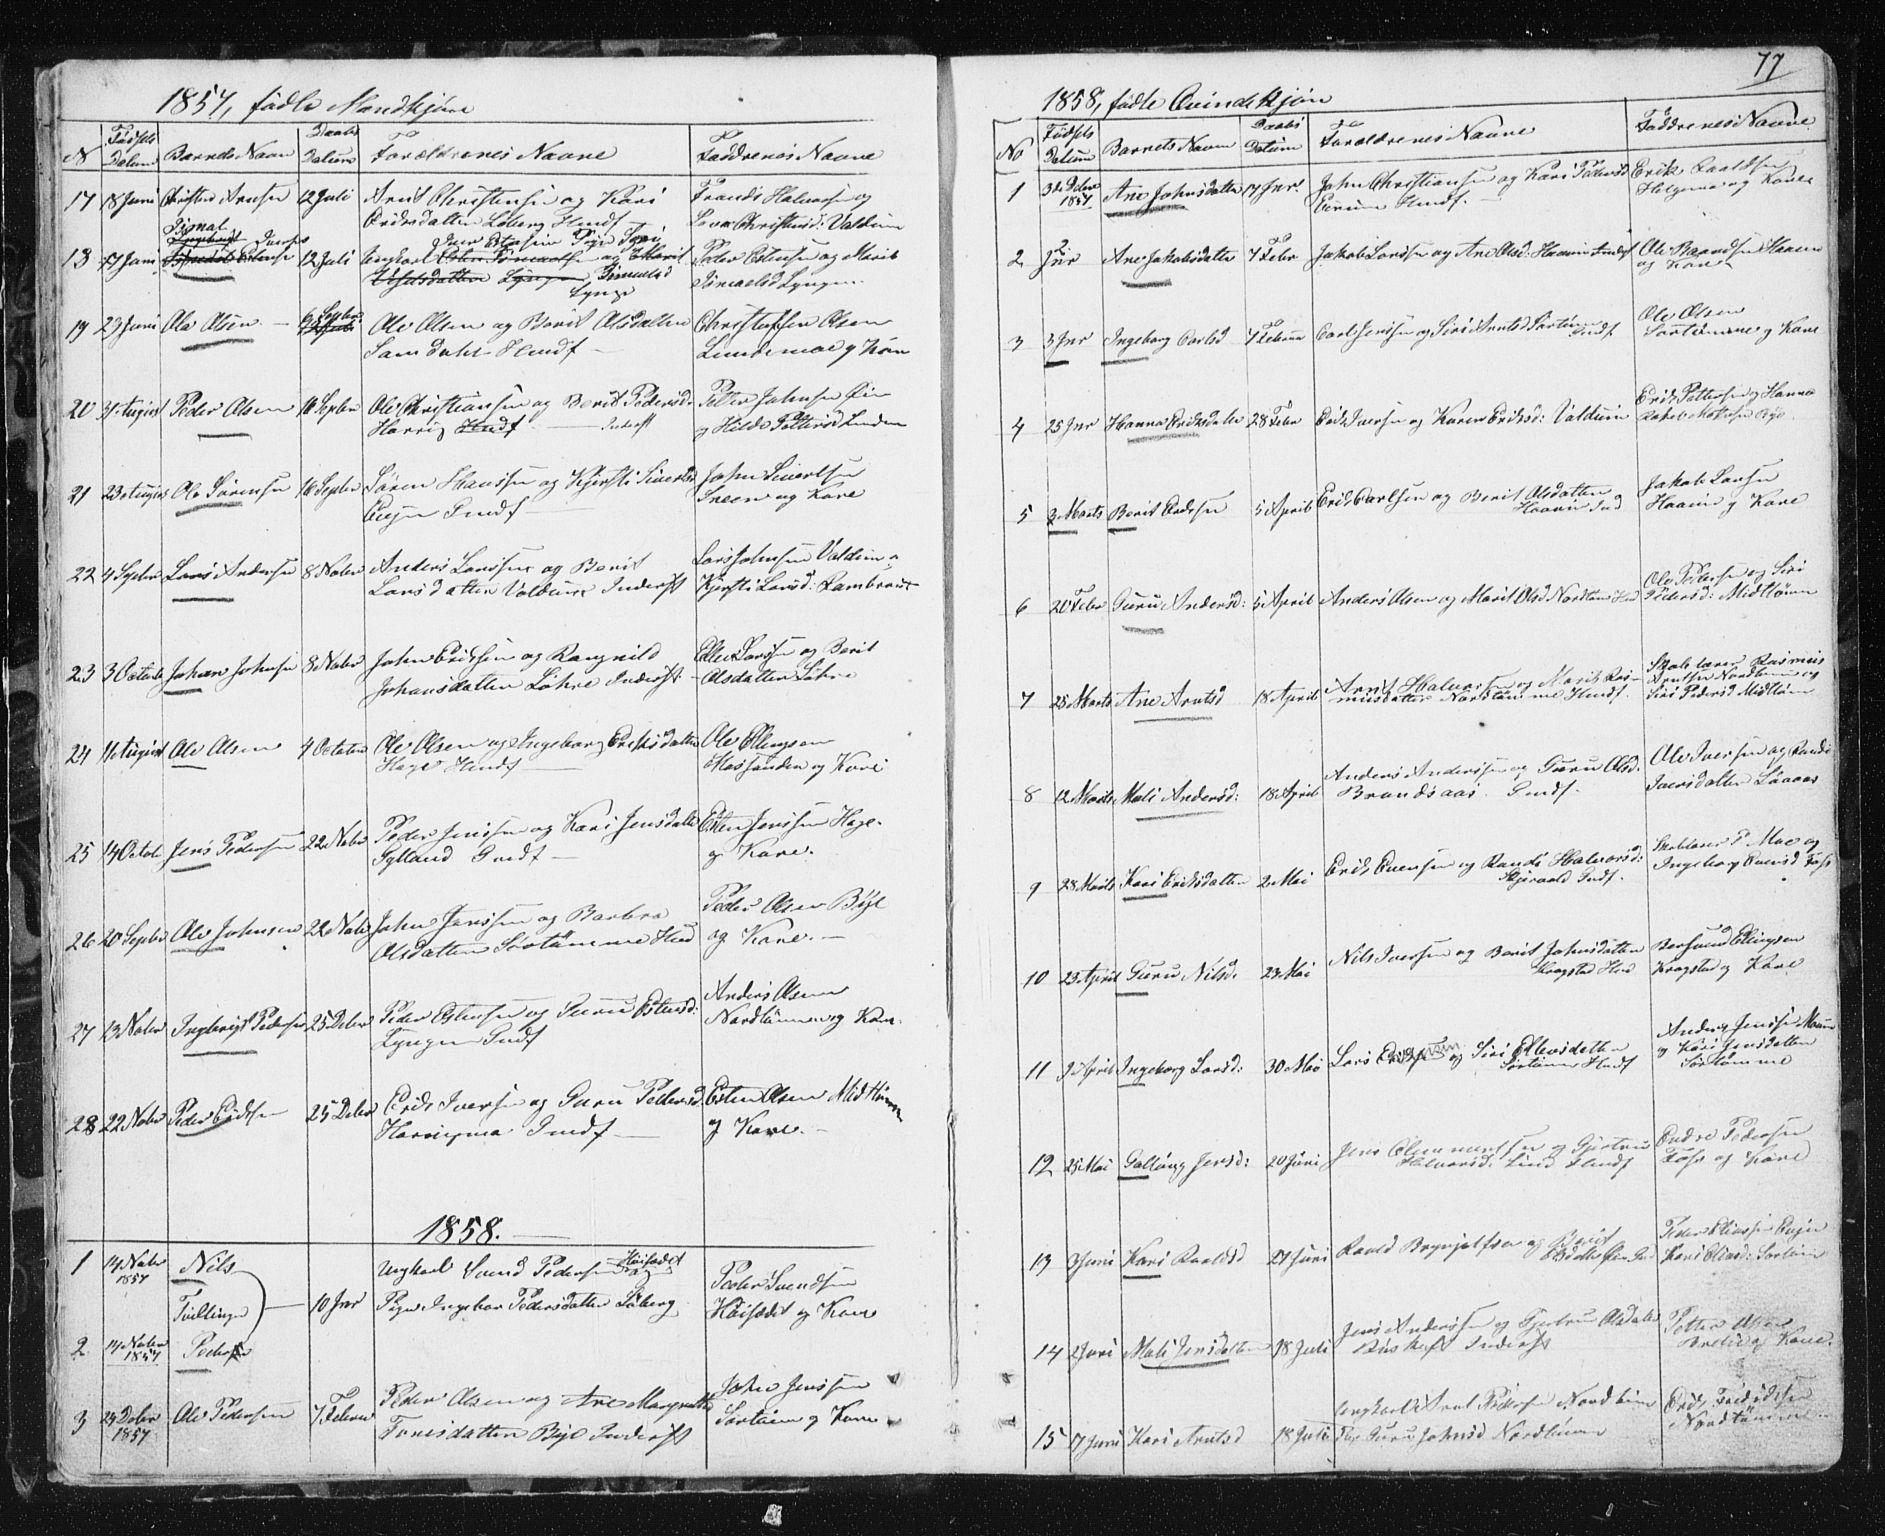 SAT, Ministerialprotokoller, klokkerbøker og fødselsregistre - Sør-Trøndelag, 692/L1110: Klokkerbok nr. 692C05, 1849-1889, s. 77